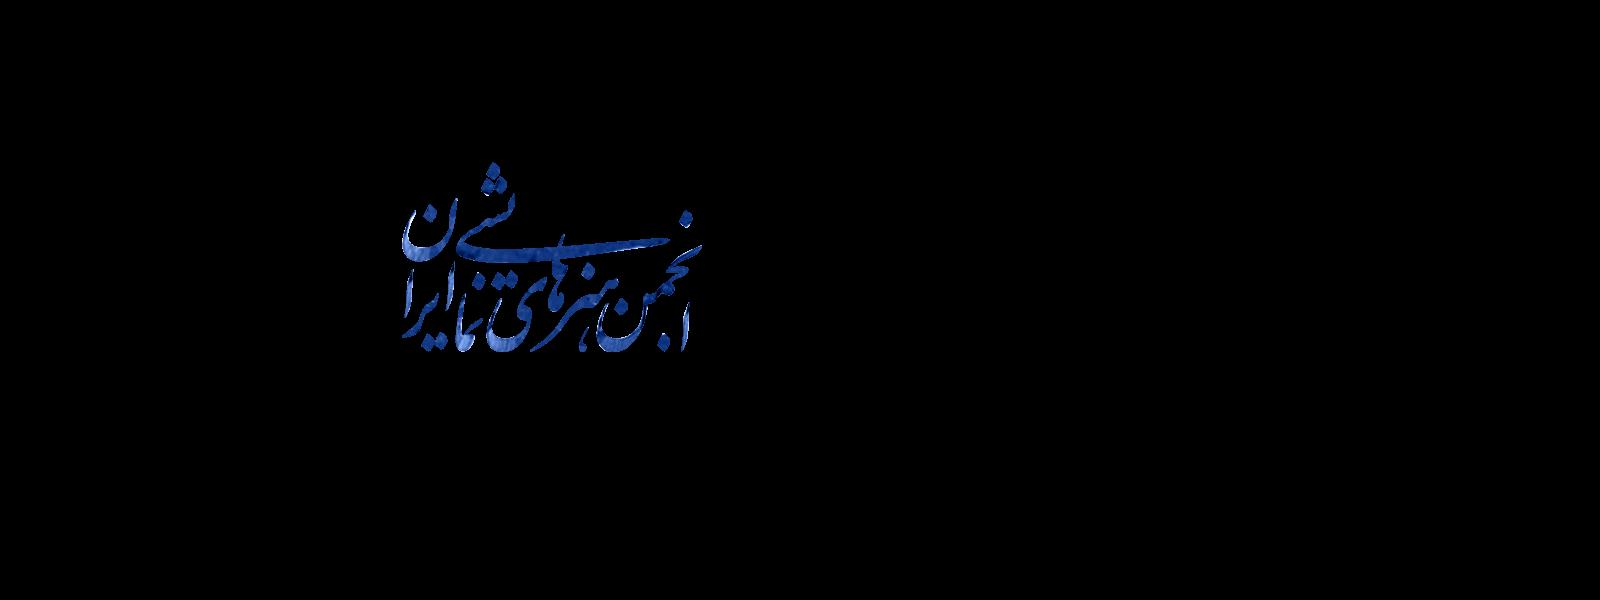 لایه هفتم اسلاید انجمن هنرهای نمایشی ایران، هویت بصری انجمن هنرهای نمایشی ایران، طراحی لوگو، طراحی لوگوتایپ، شرکت تبلیغاتی الف، طراحی هویت بصری